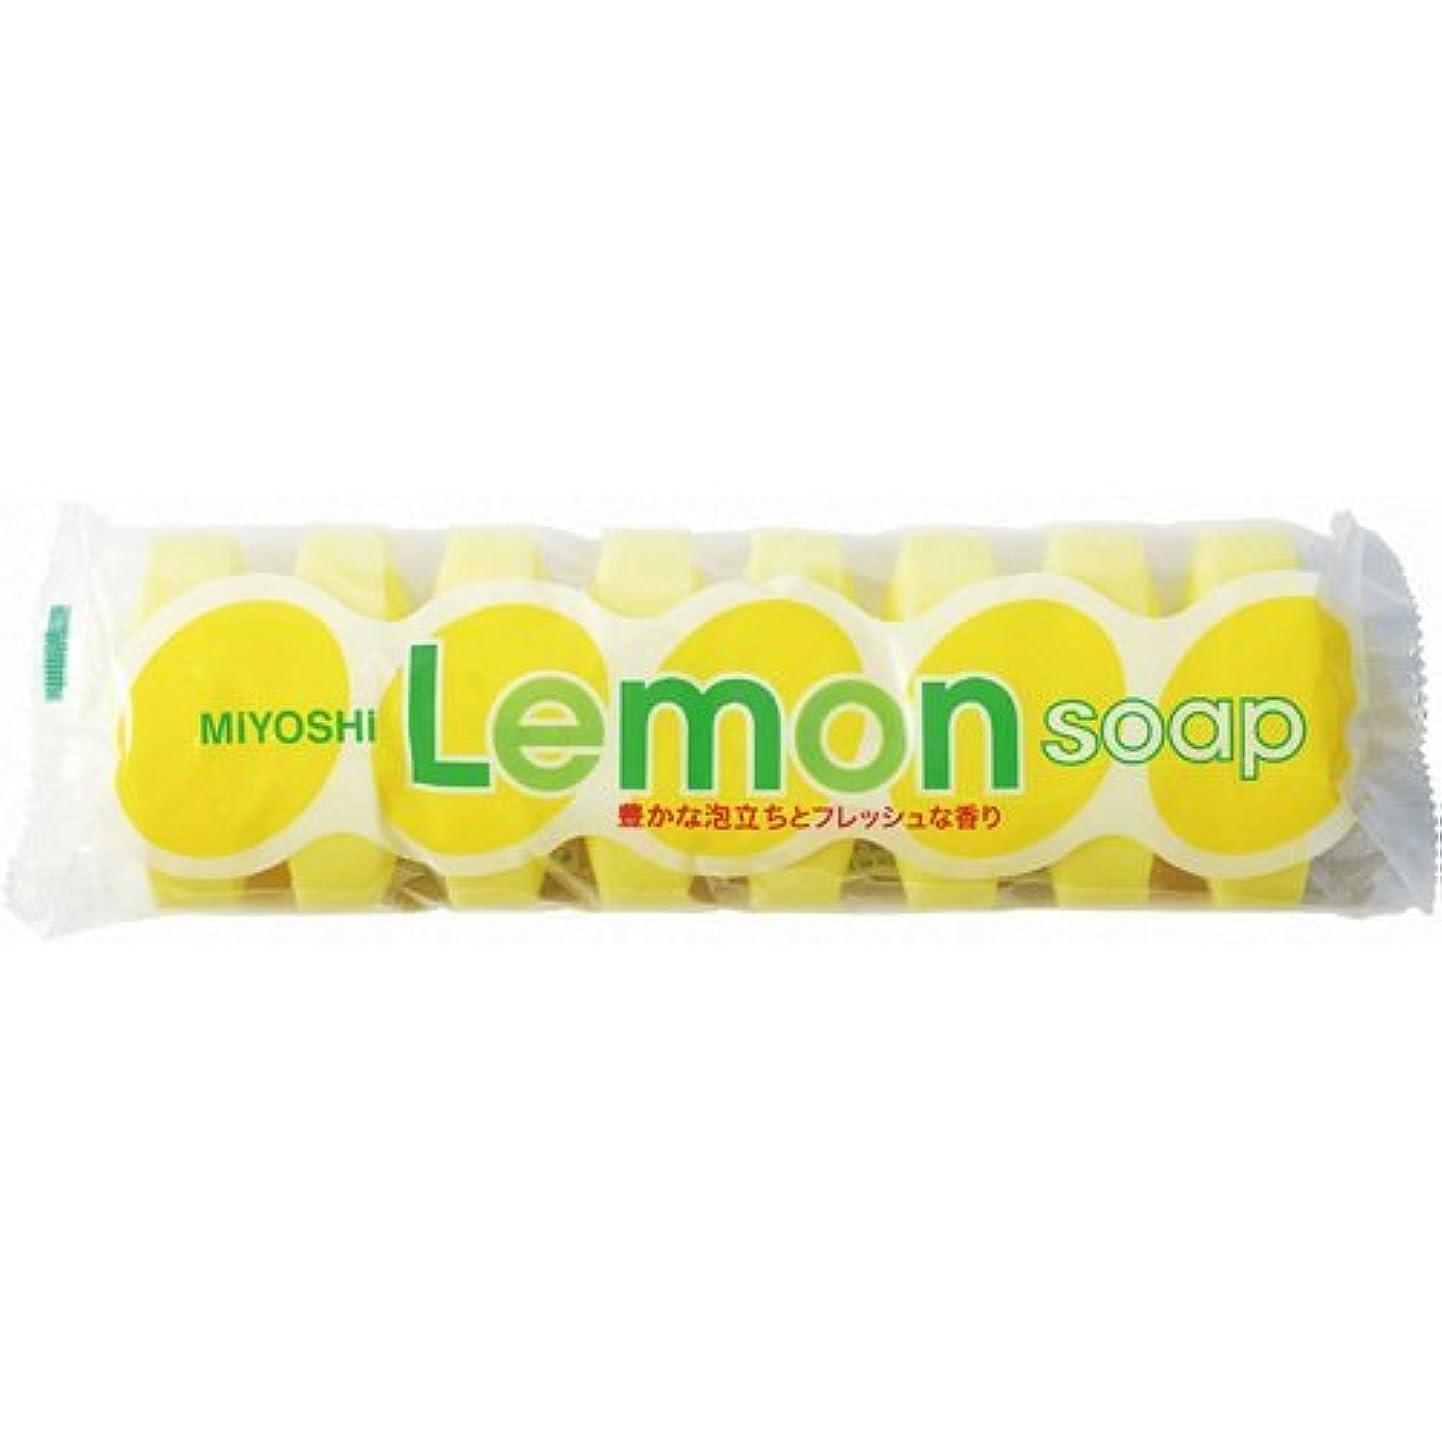 あいまいなできればランプミヨシ レモンソープ 45g×8個入